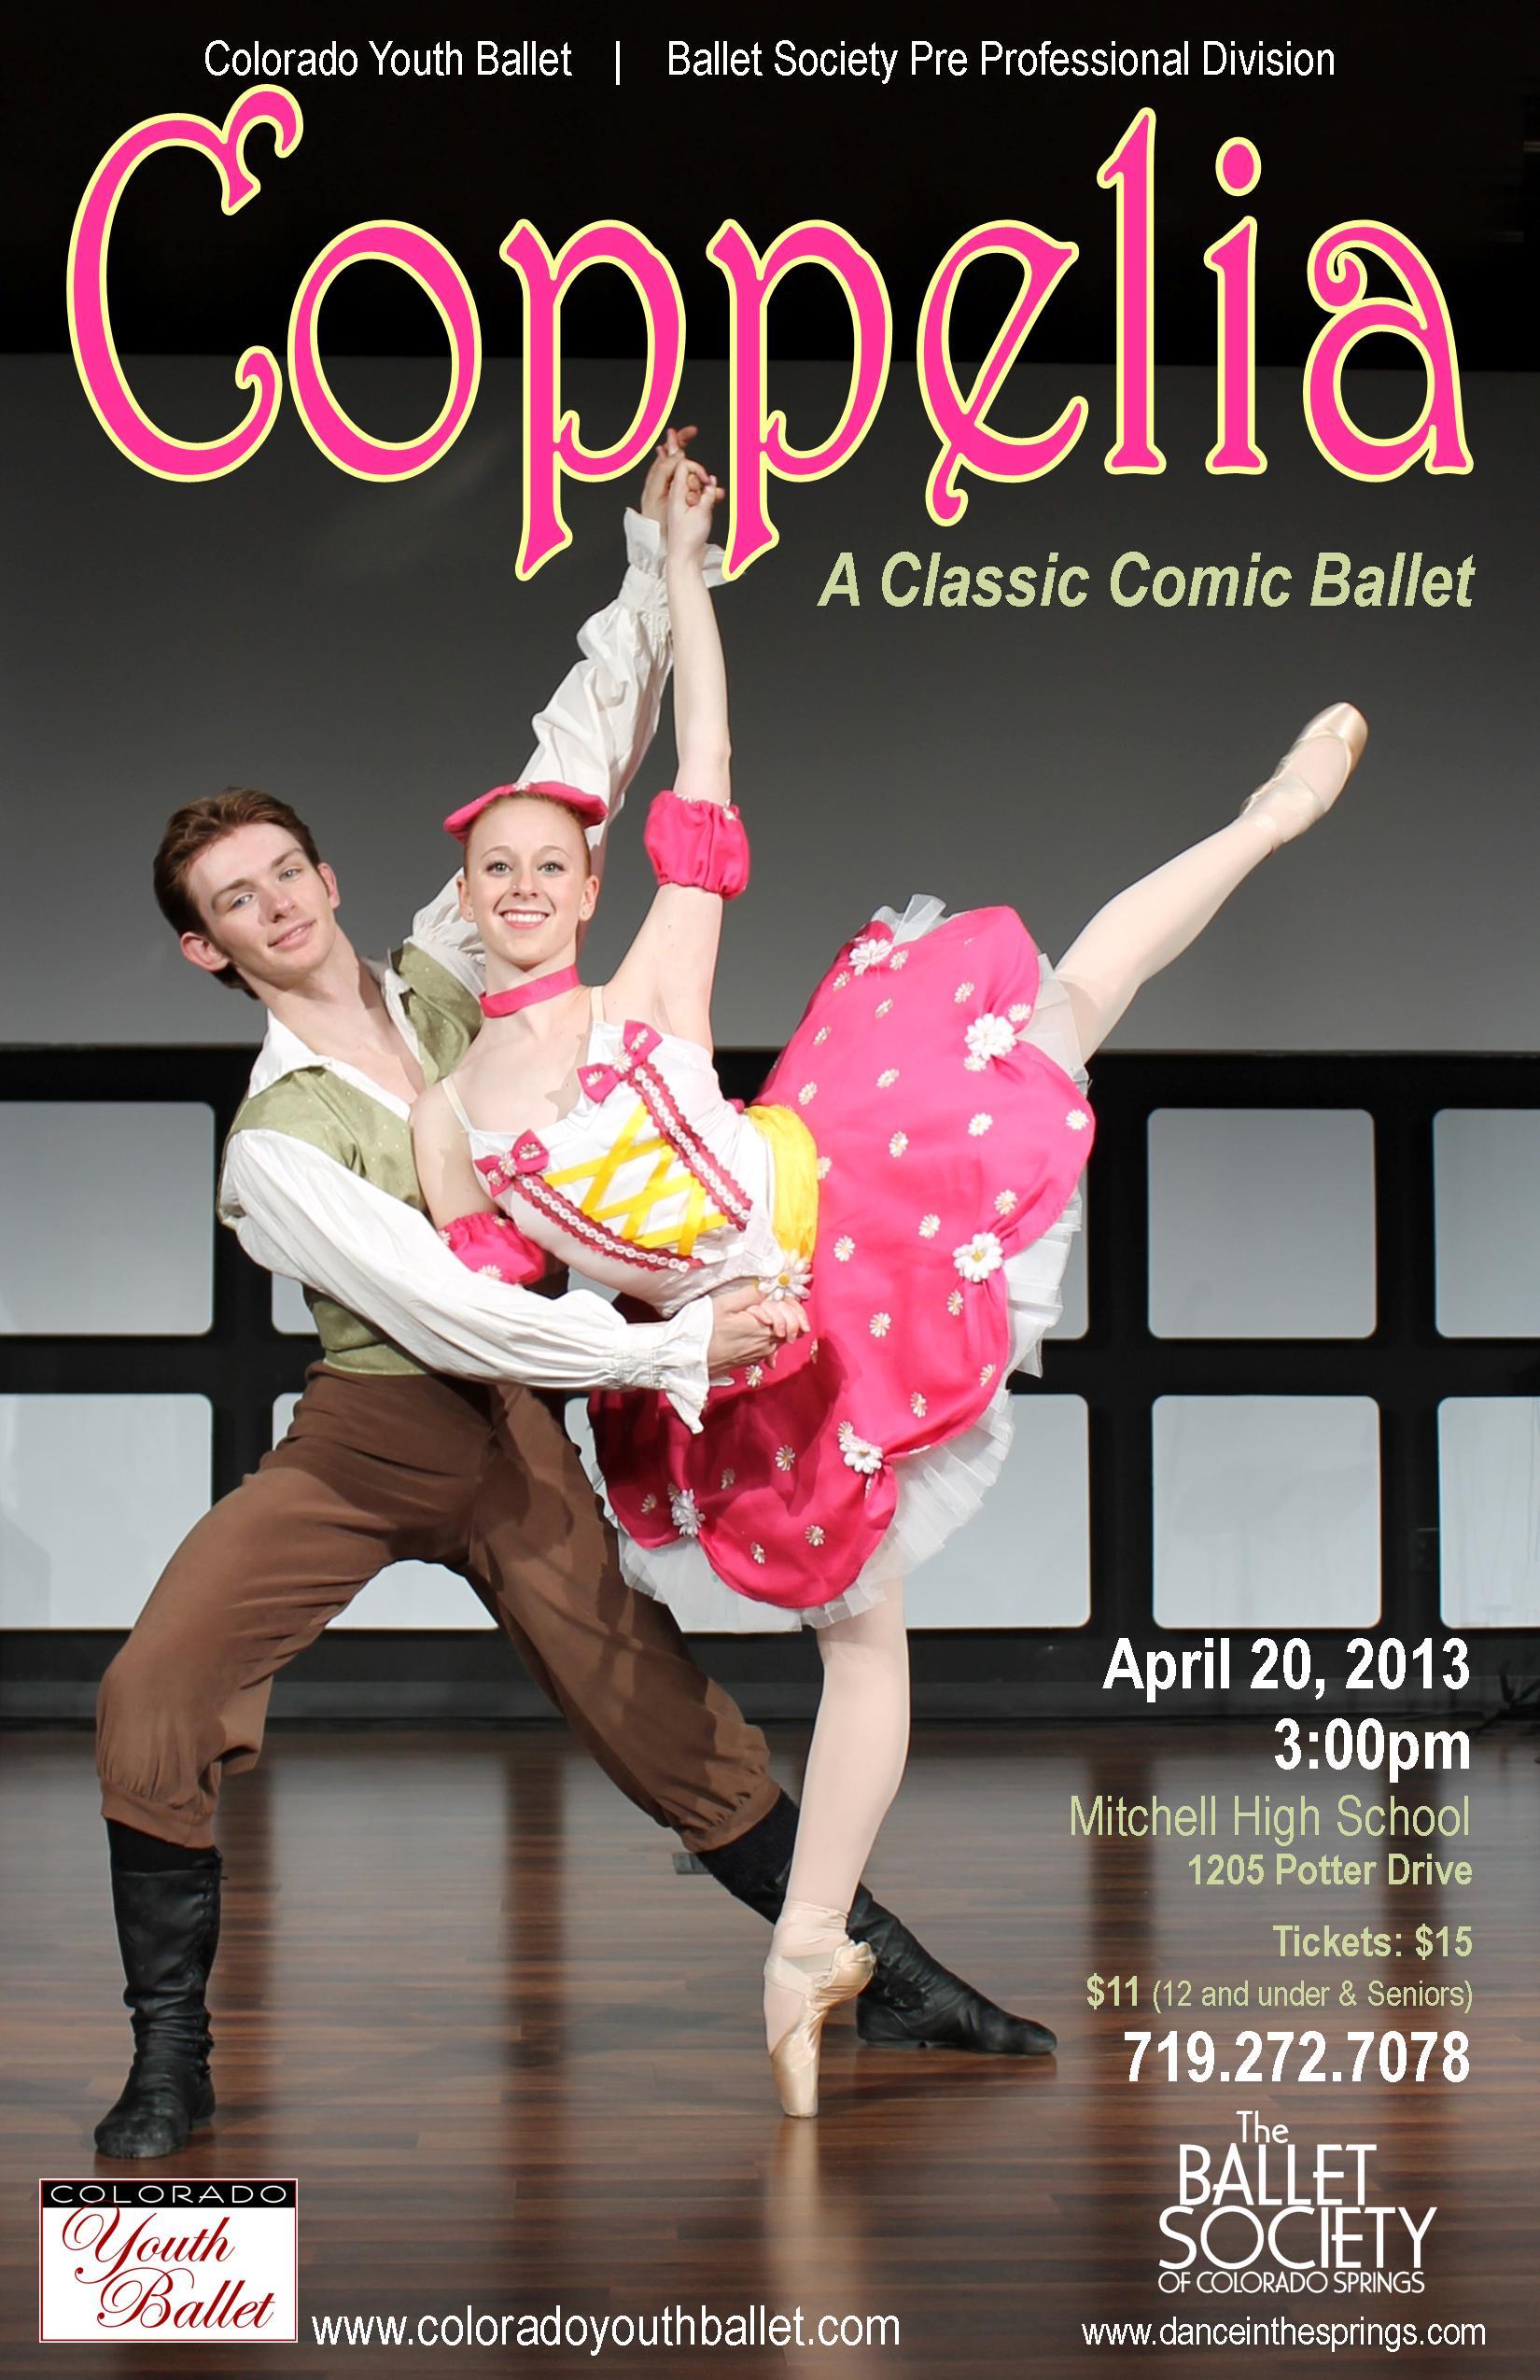 2013-4-20 Coppelia poster